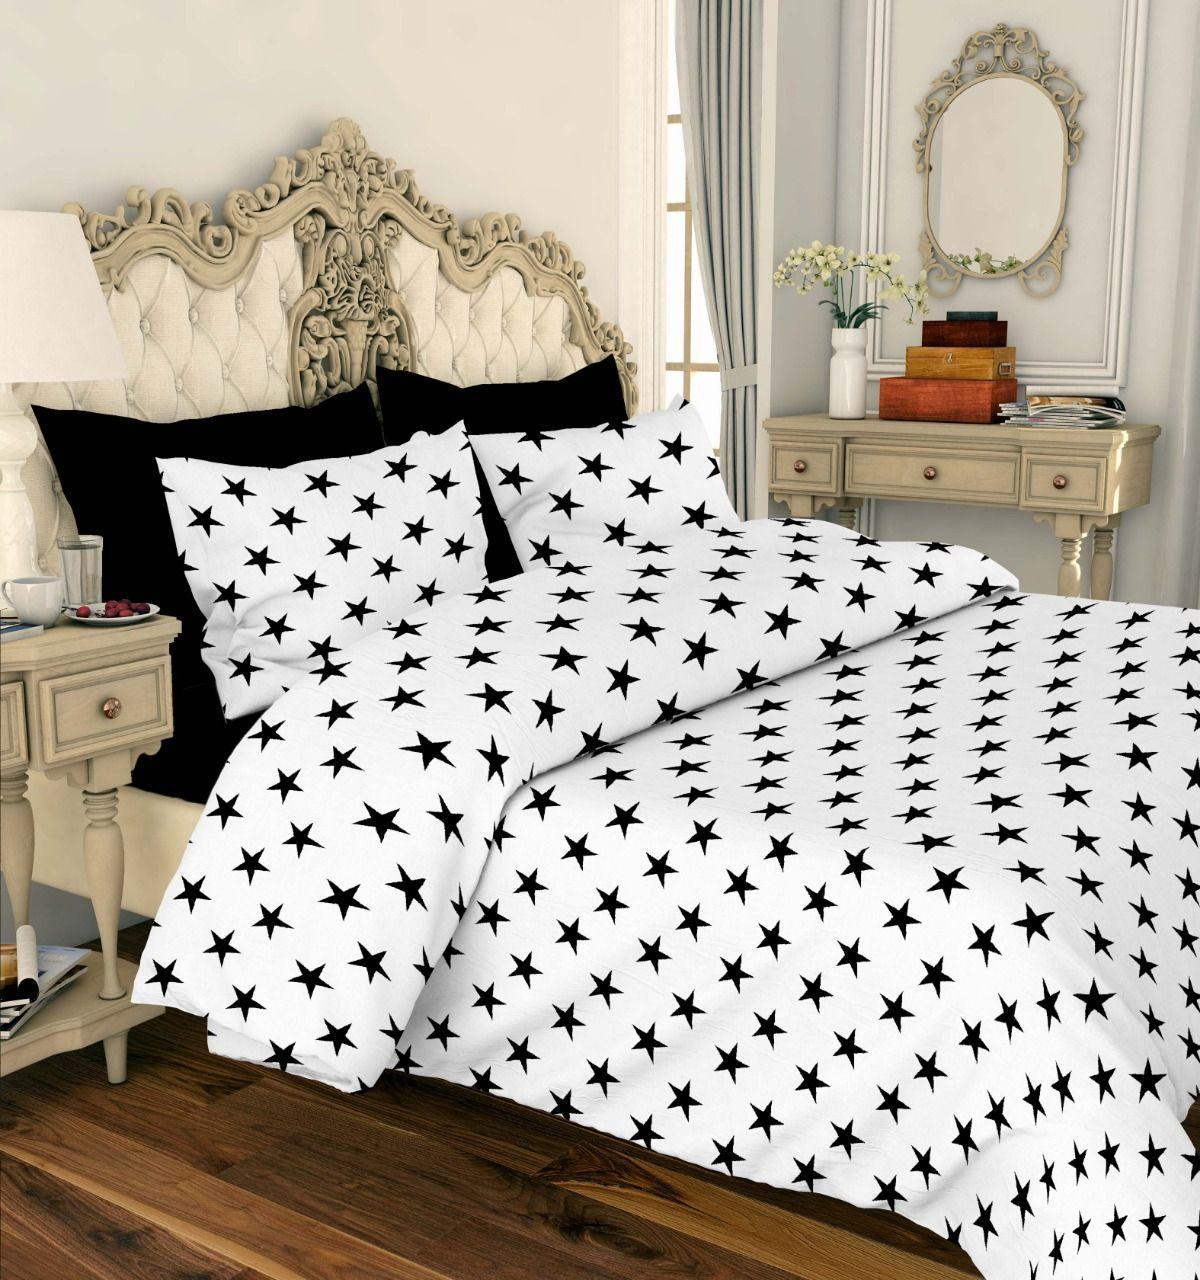 Комплект постельного белья от производителя Звезды на белом из Ранфорс